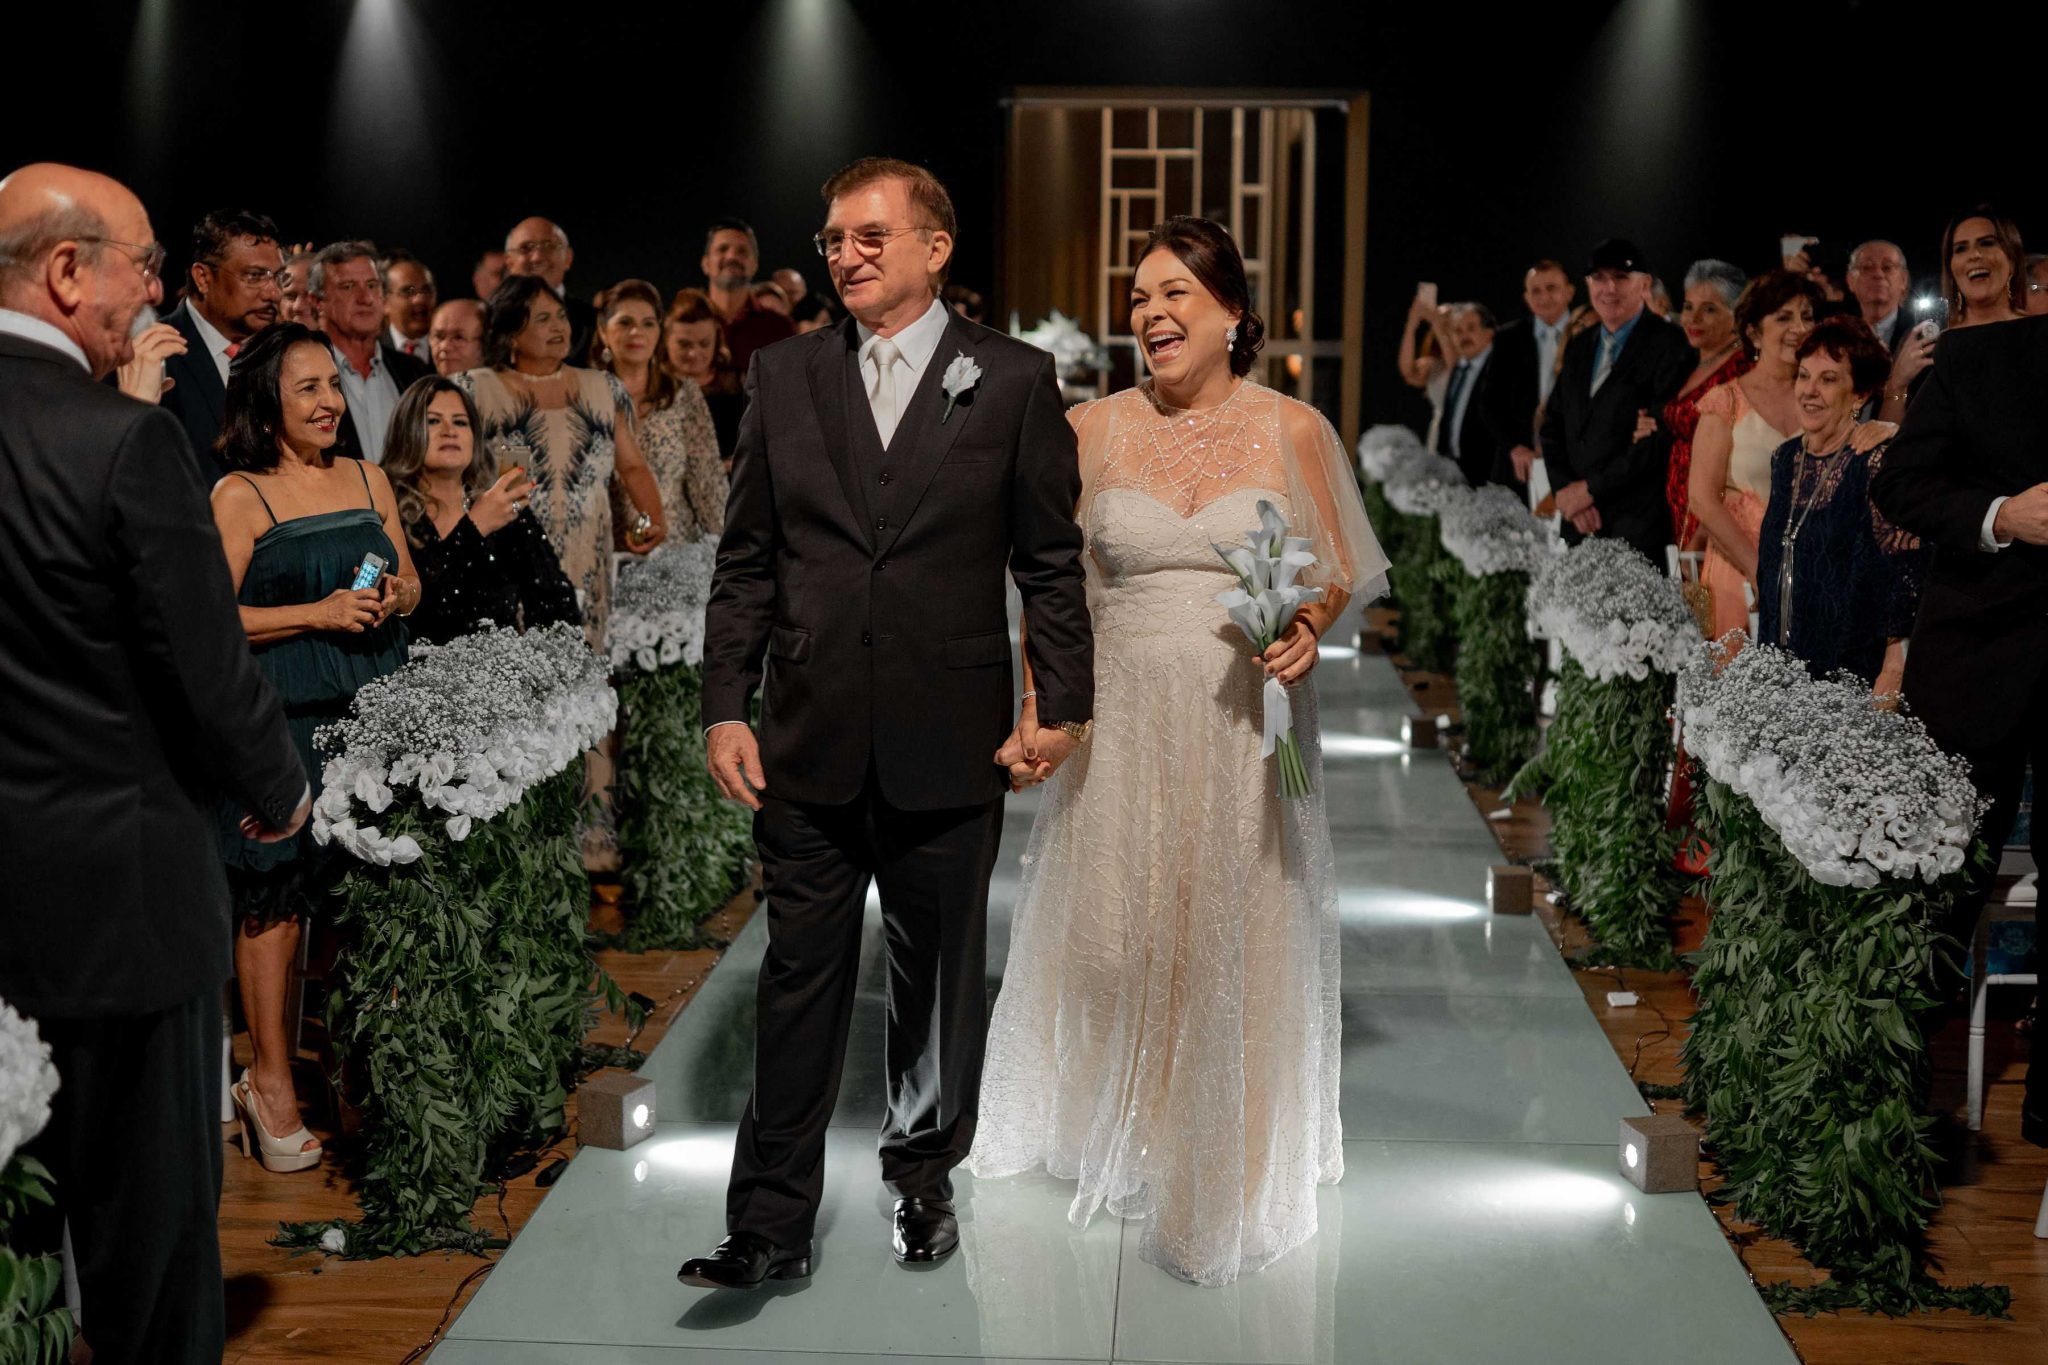 Filhos realizam o sonho da mãe e organizam cerimônia de casamento dos pais 40 anos após a união 1